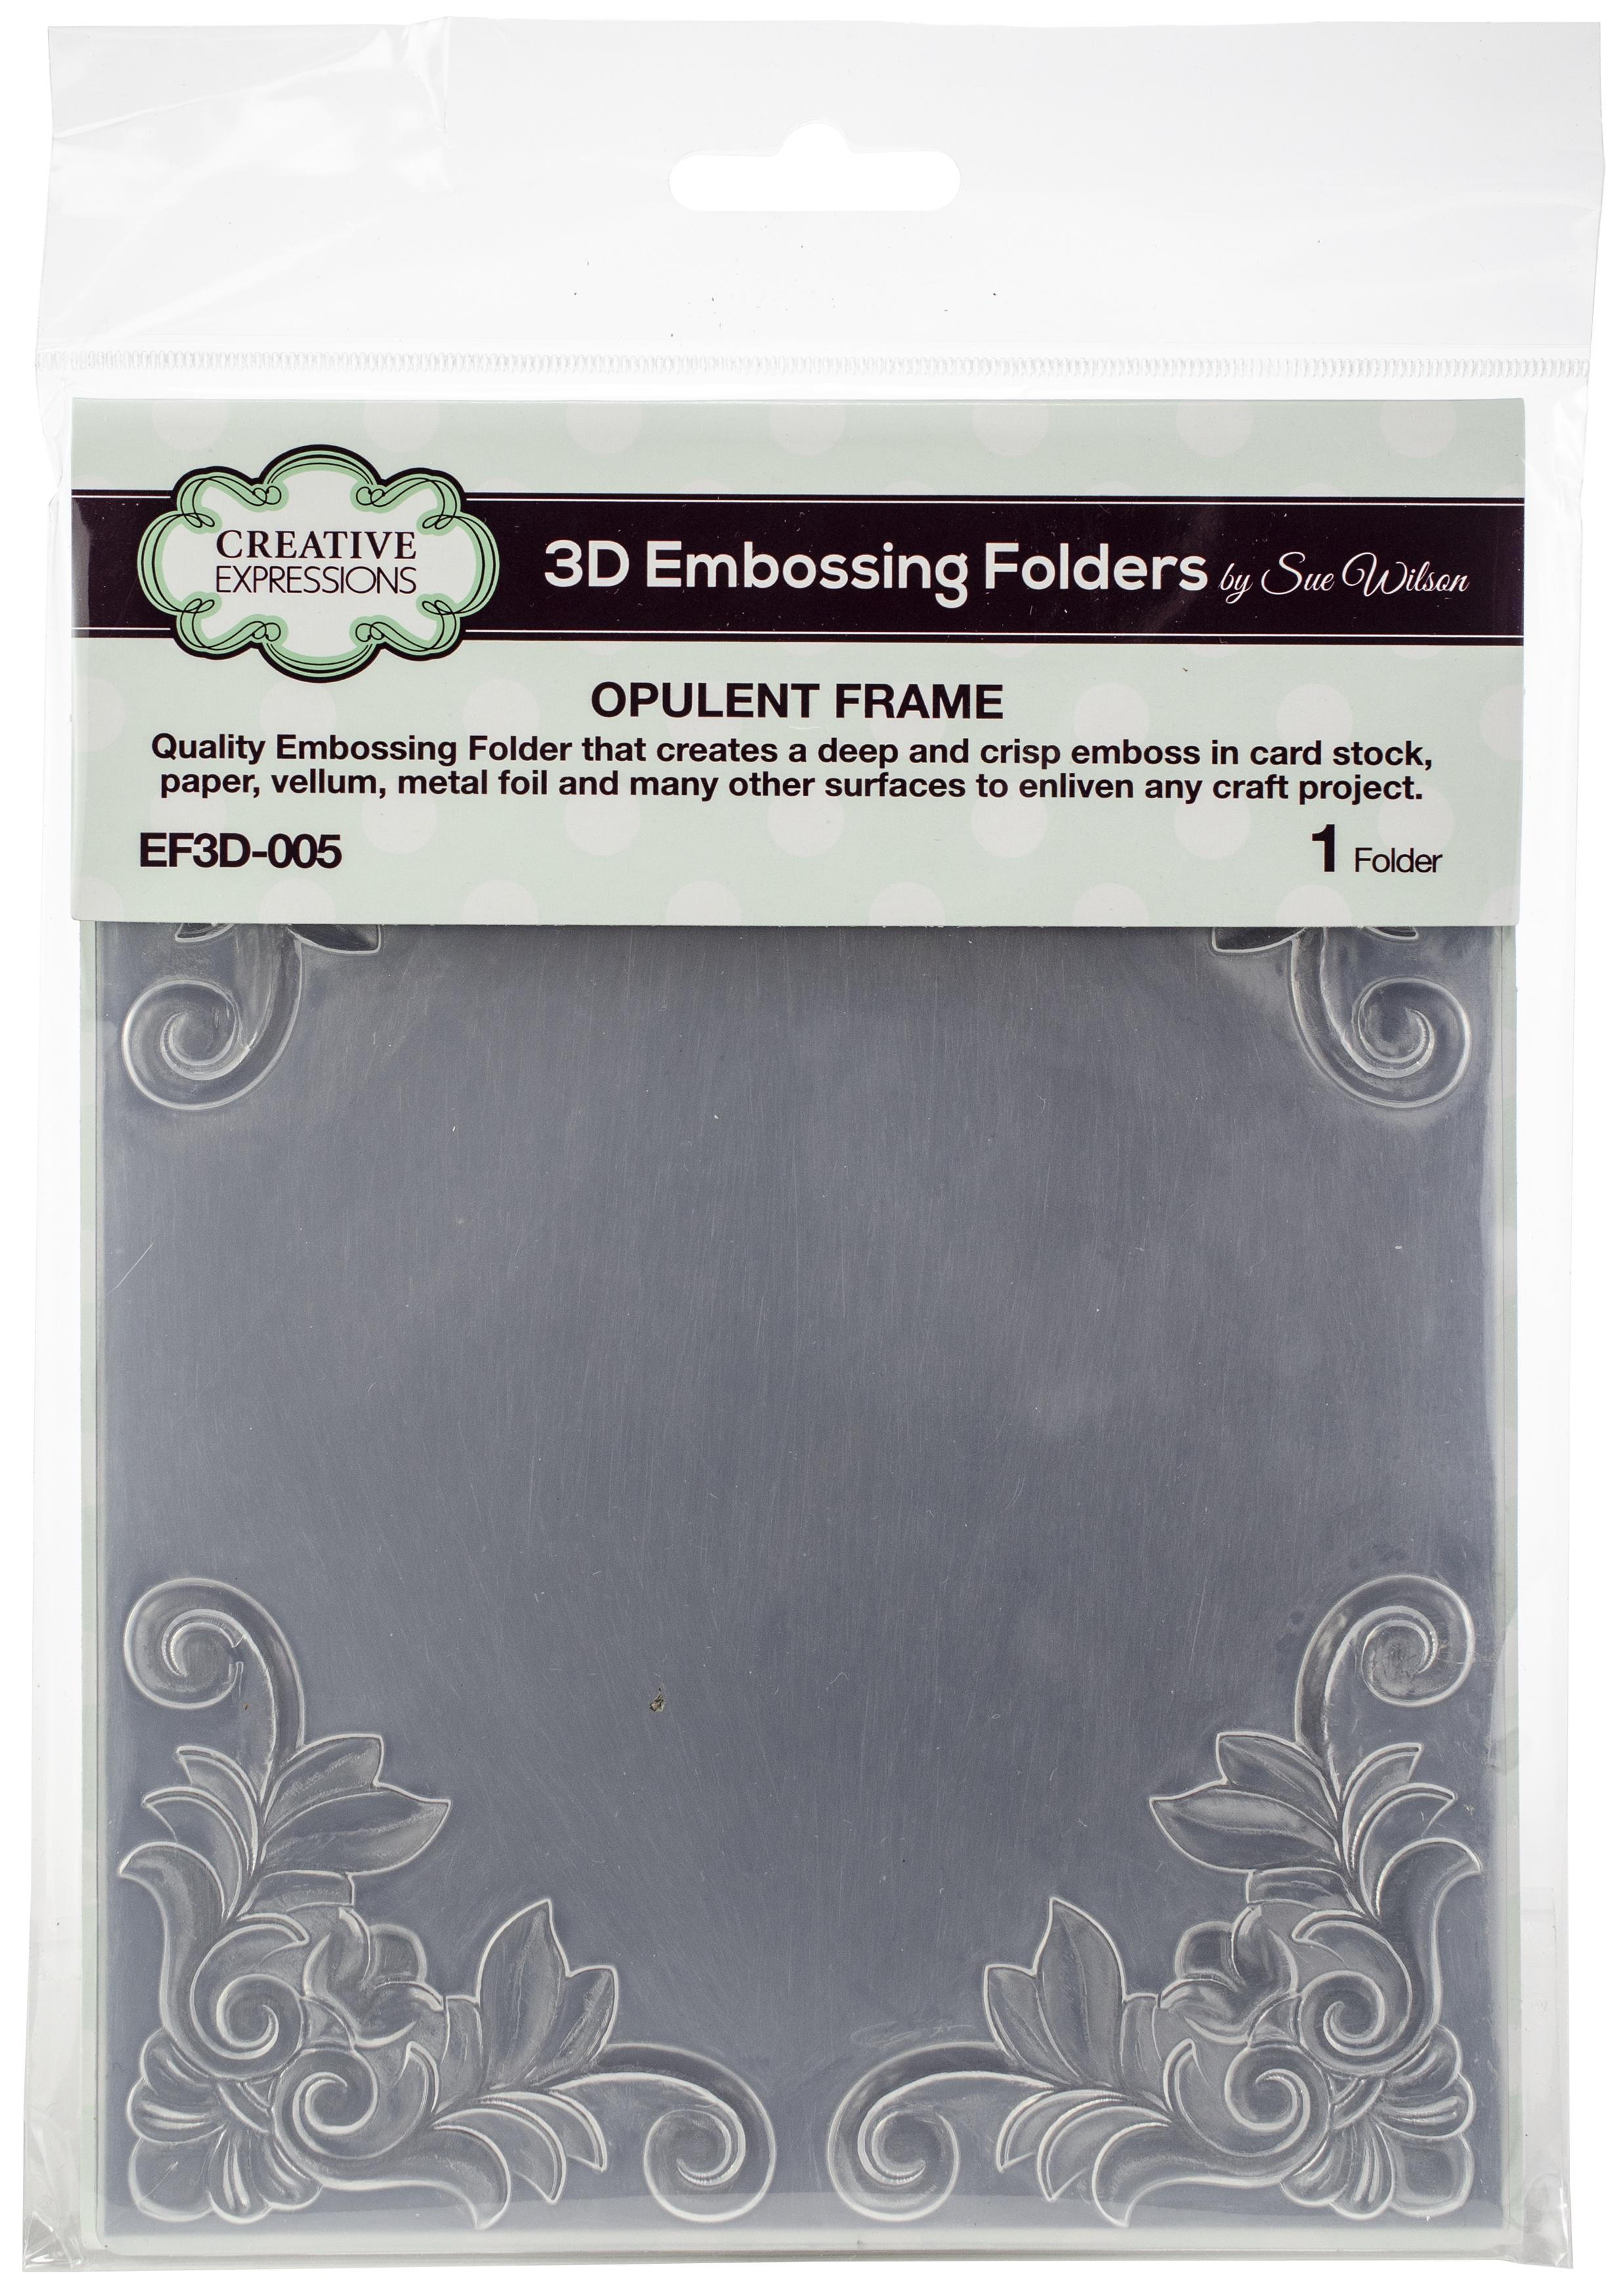 Opulent Frame Embossing Folder